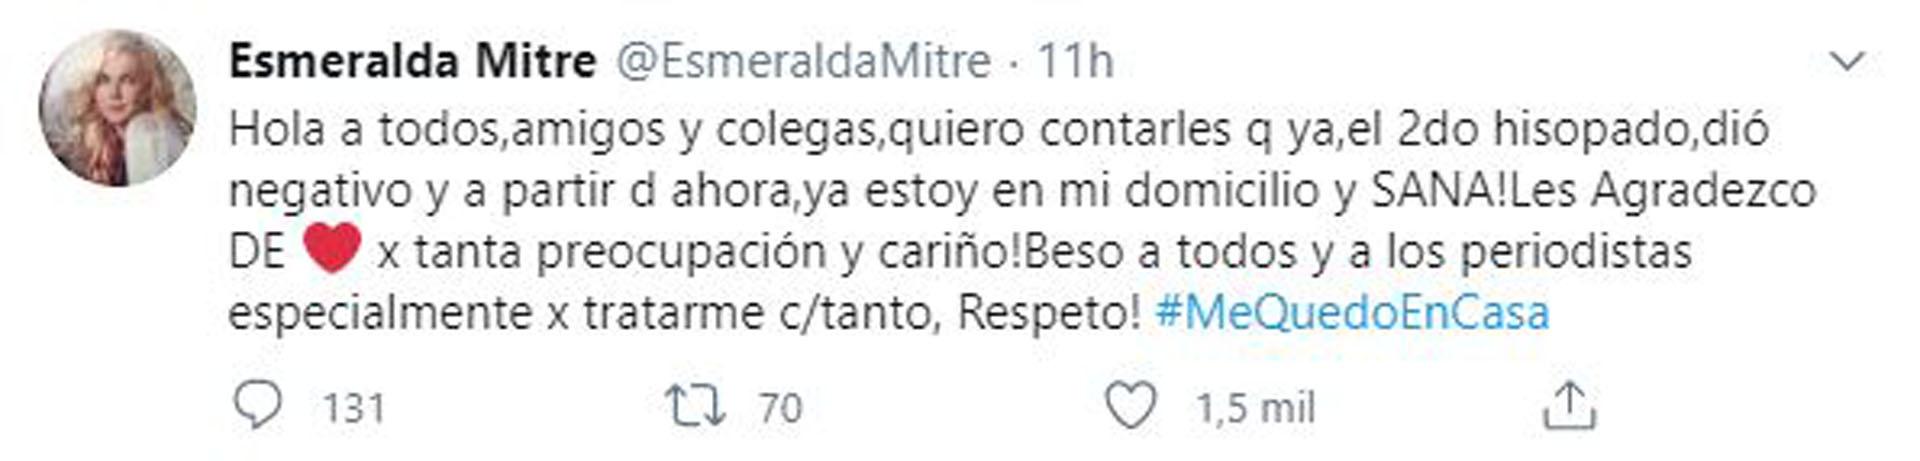 El mensaje de Esmeralda Mitre (Foto: Twitter)